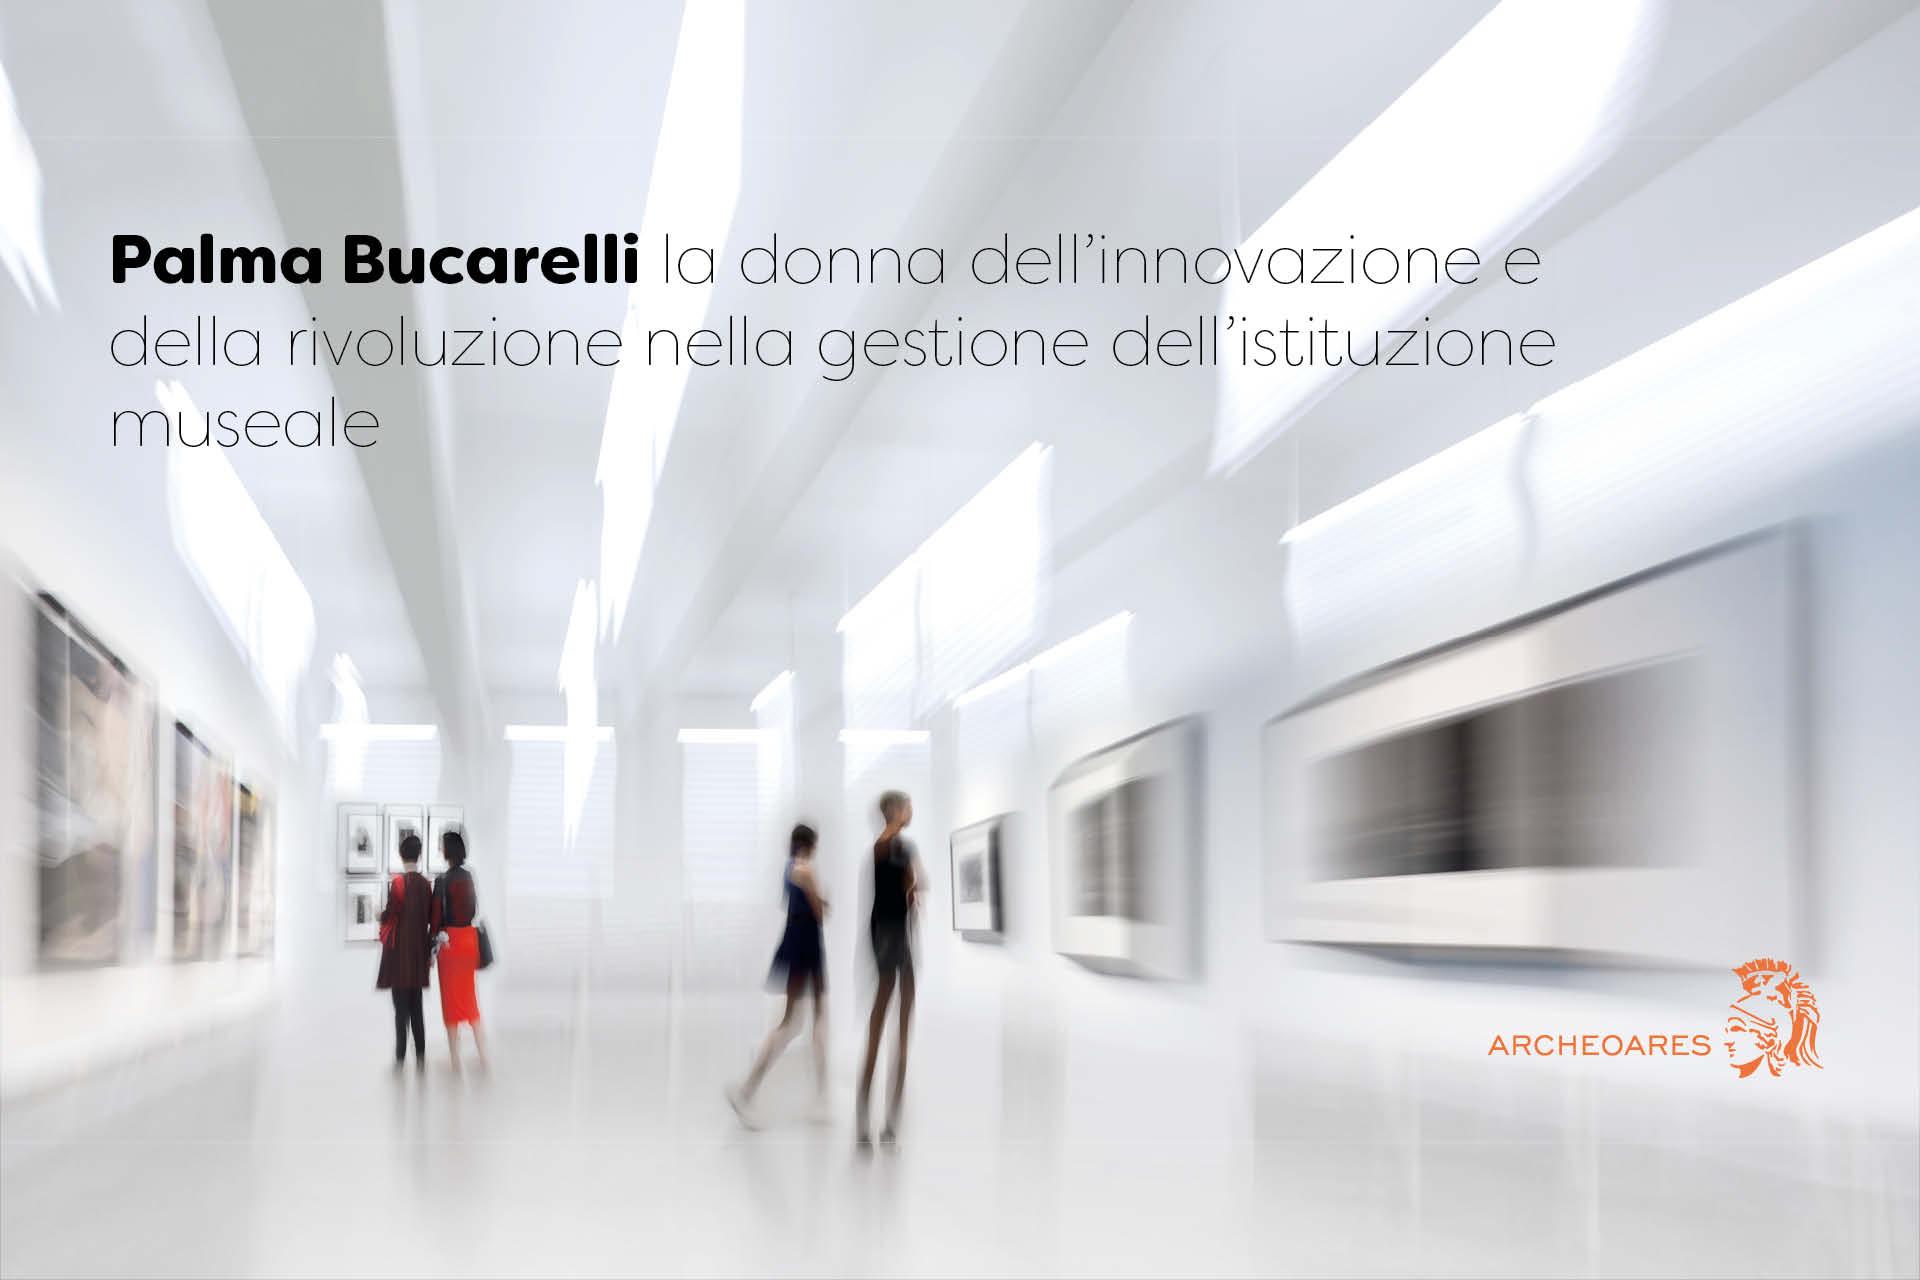 Centro Ceramica Di Sacco Lorenzo C Snc.Palma Bucarelli La Donna Dell Innovazione E Della